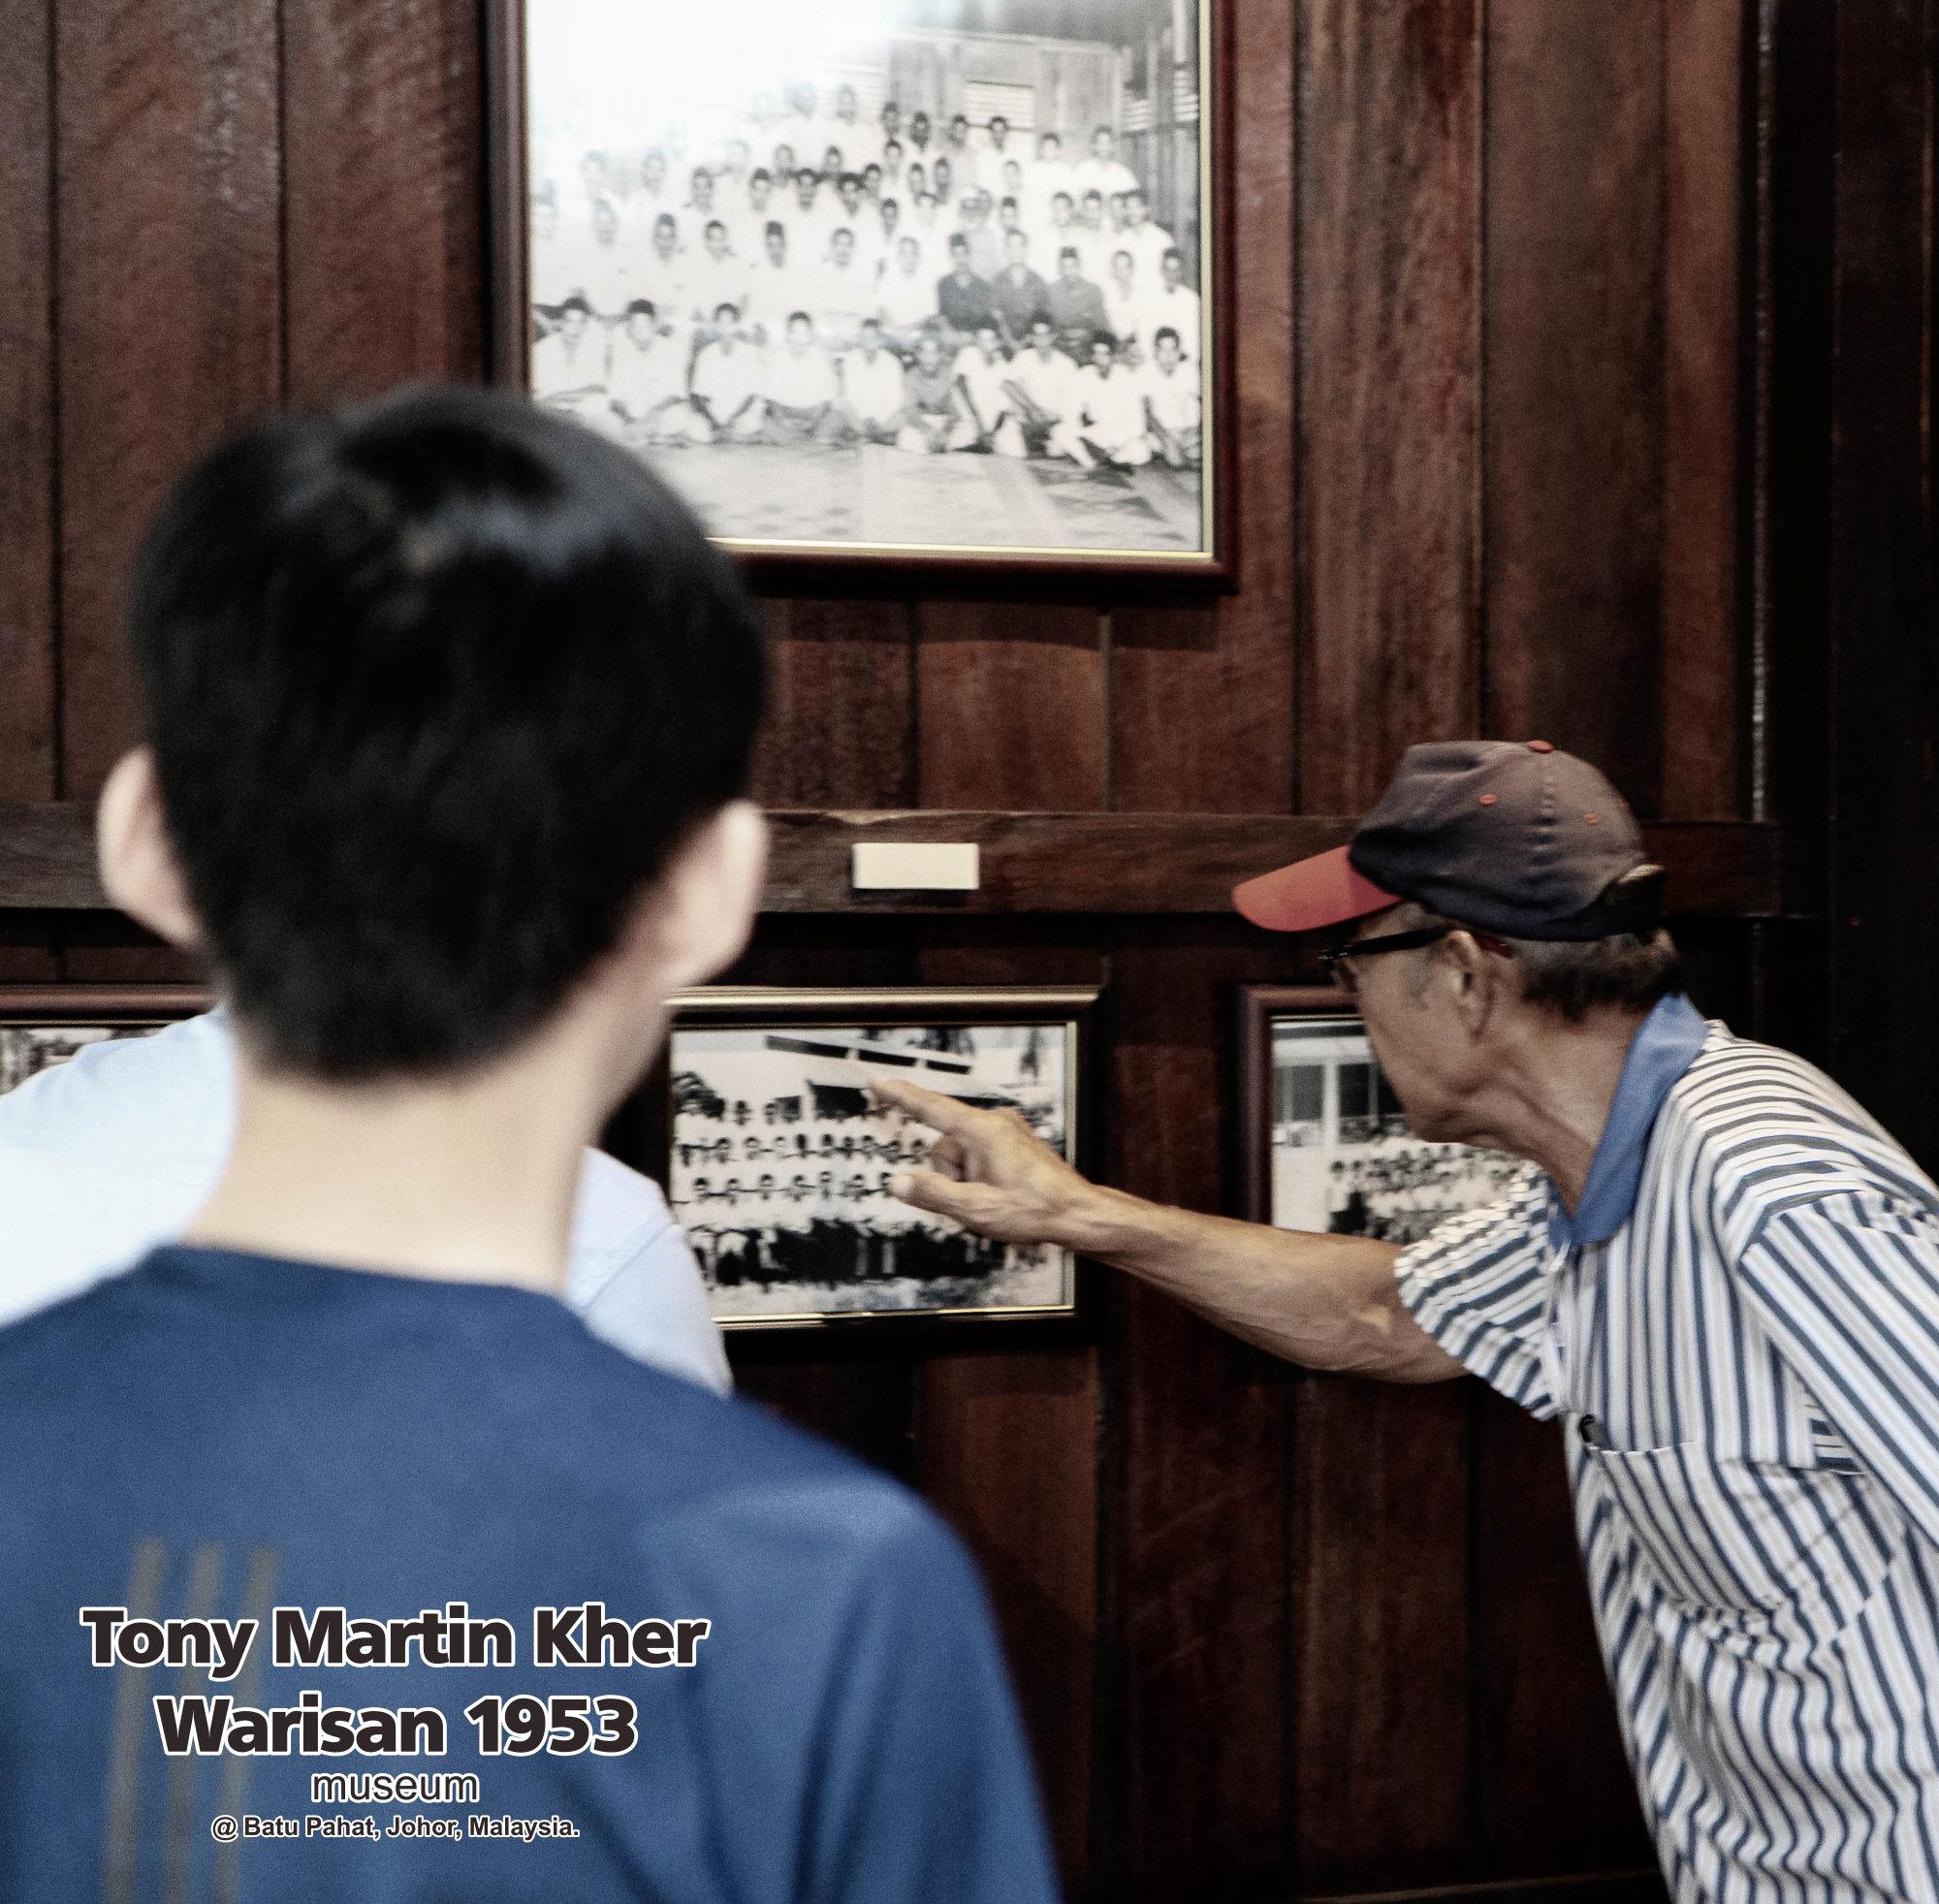 Tony Martin Kher founder of Warisan 1953 Museum at Batu Pahat Johor Malaysia Heritage 1953 Artist Joey Kher A09